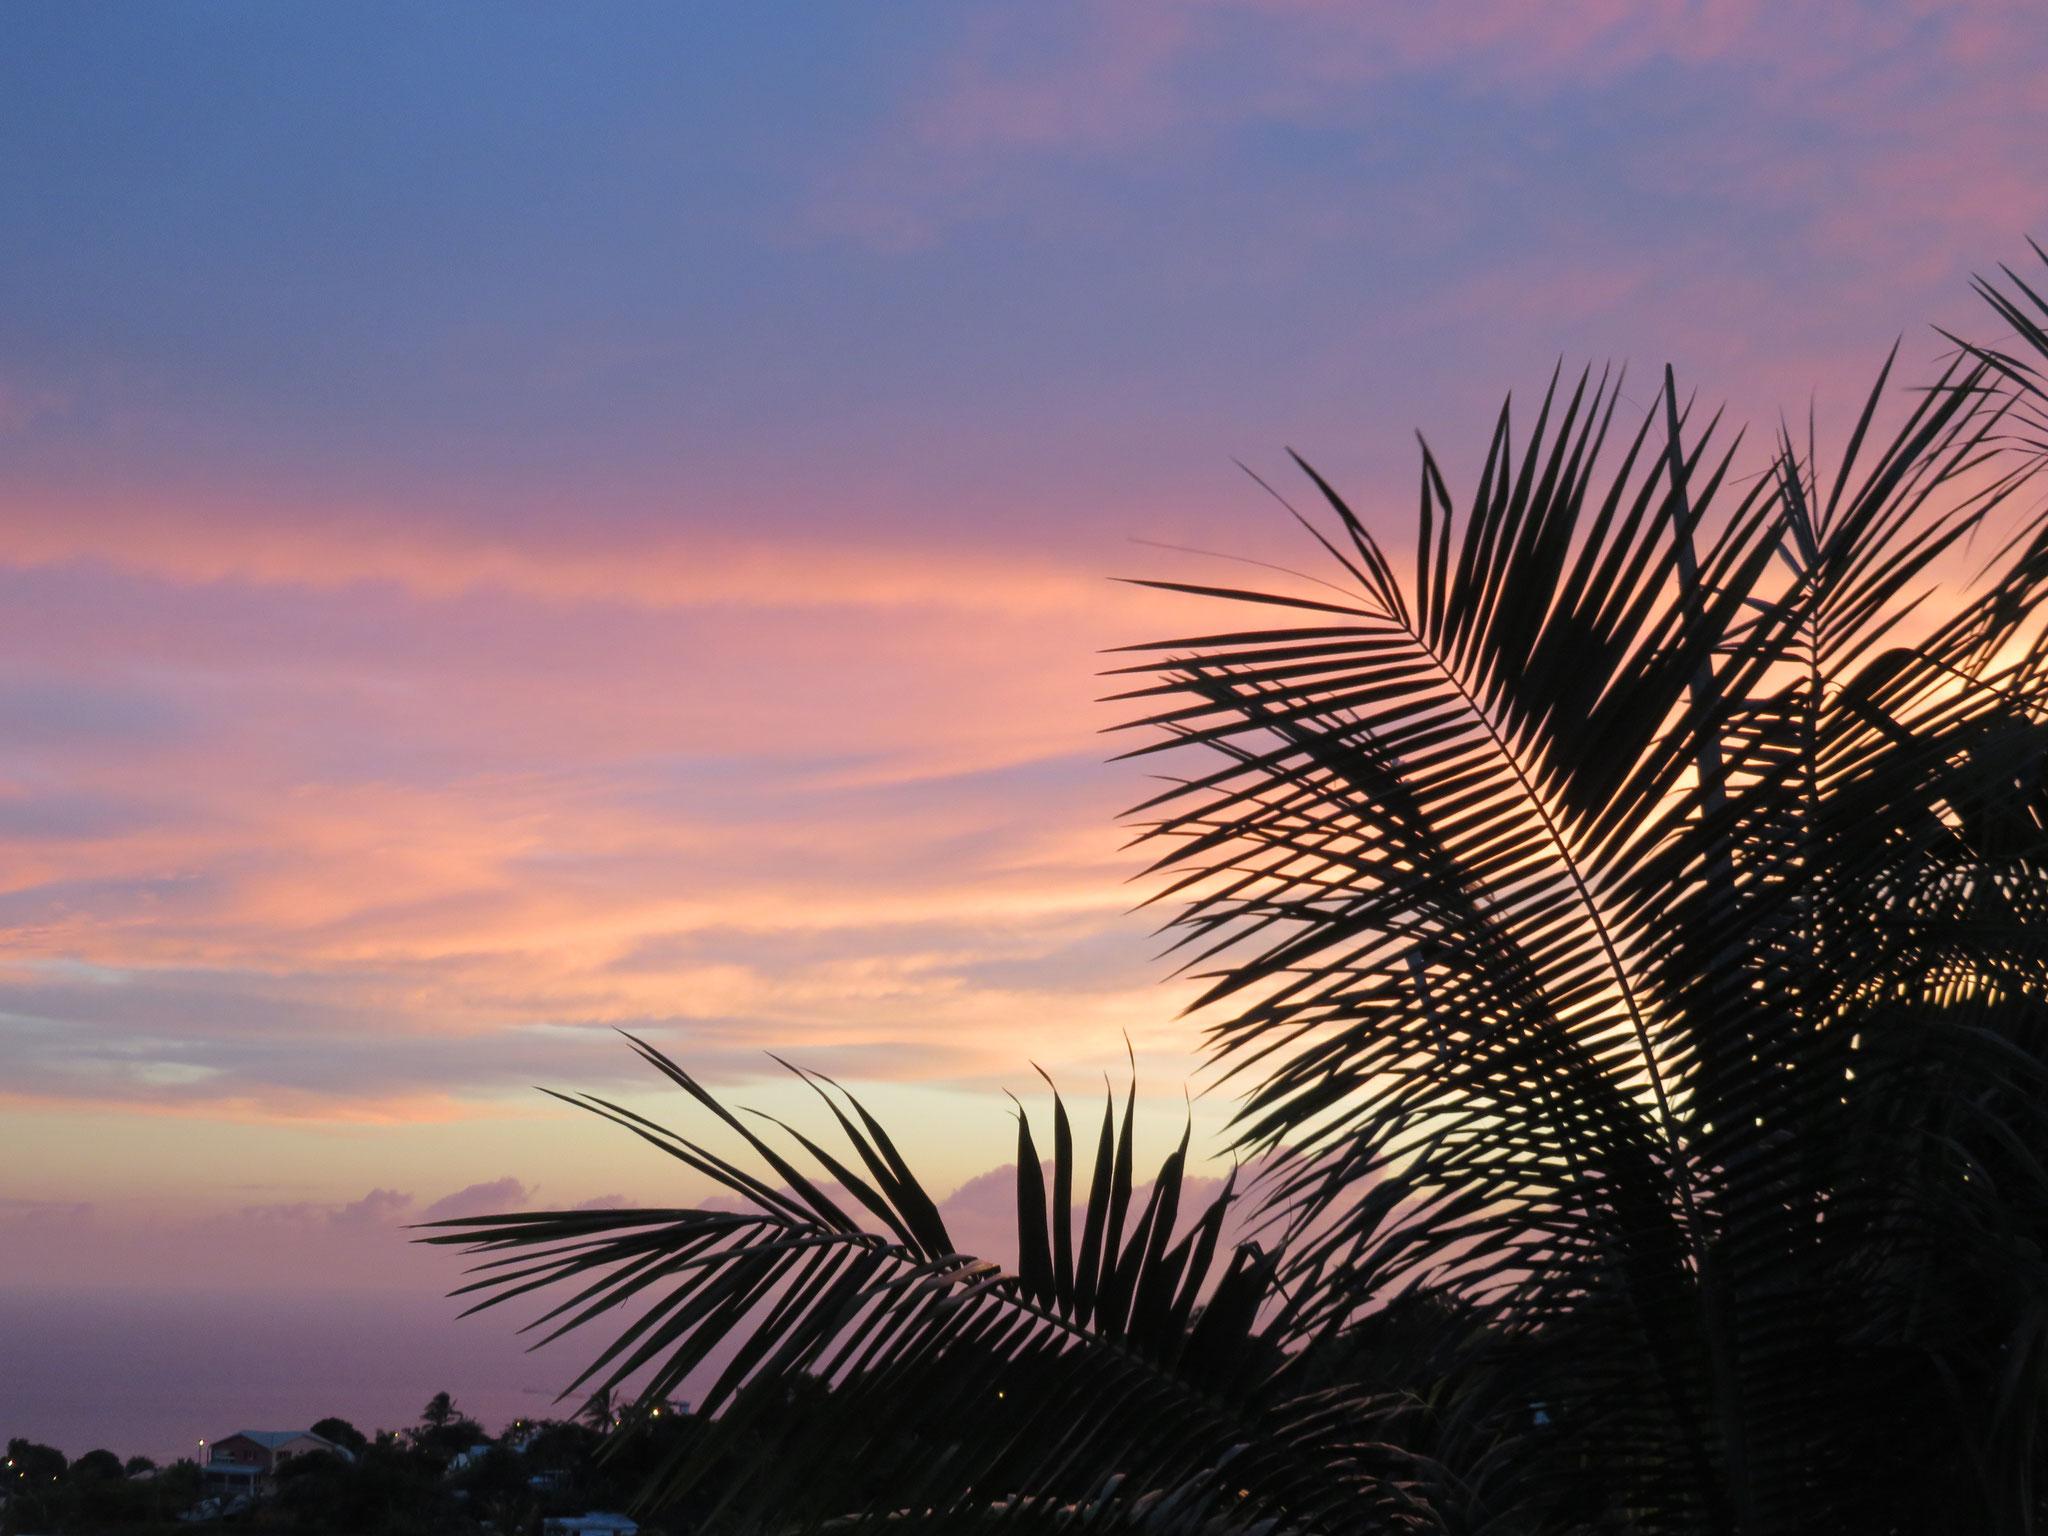 un coucher de soleil vu depuis notre terrasse